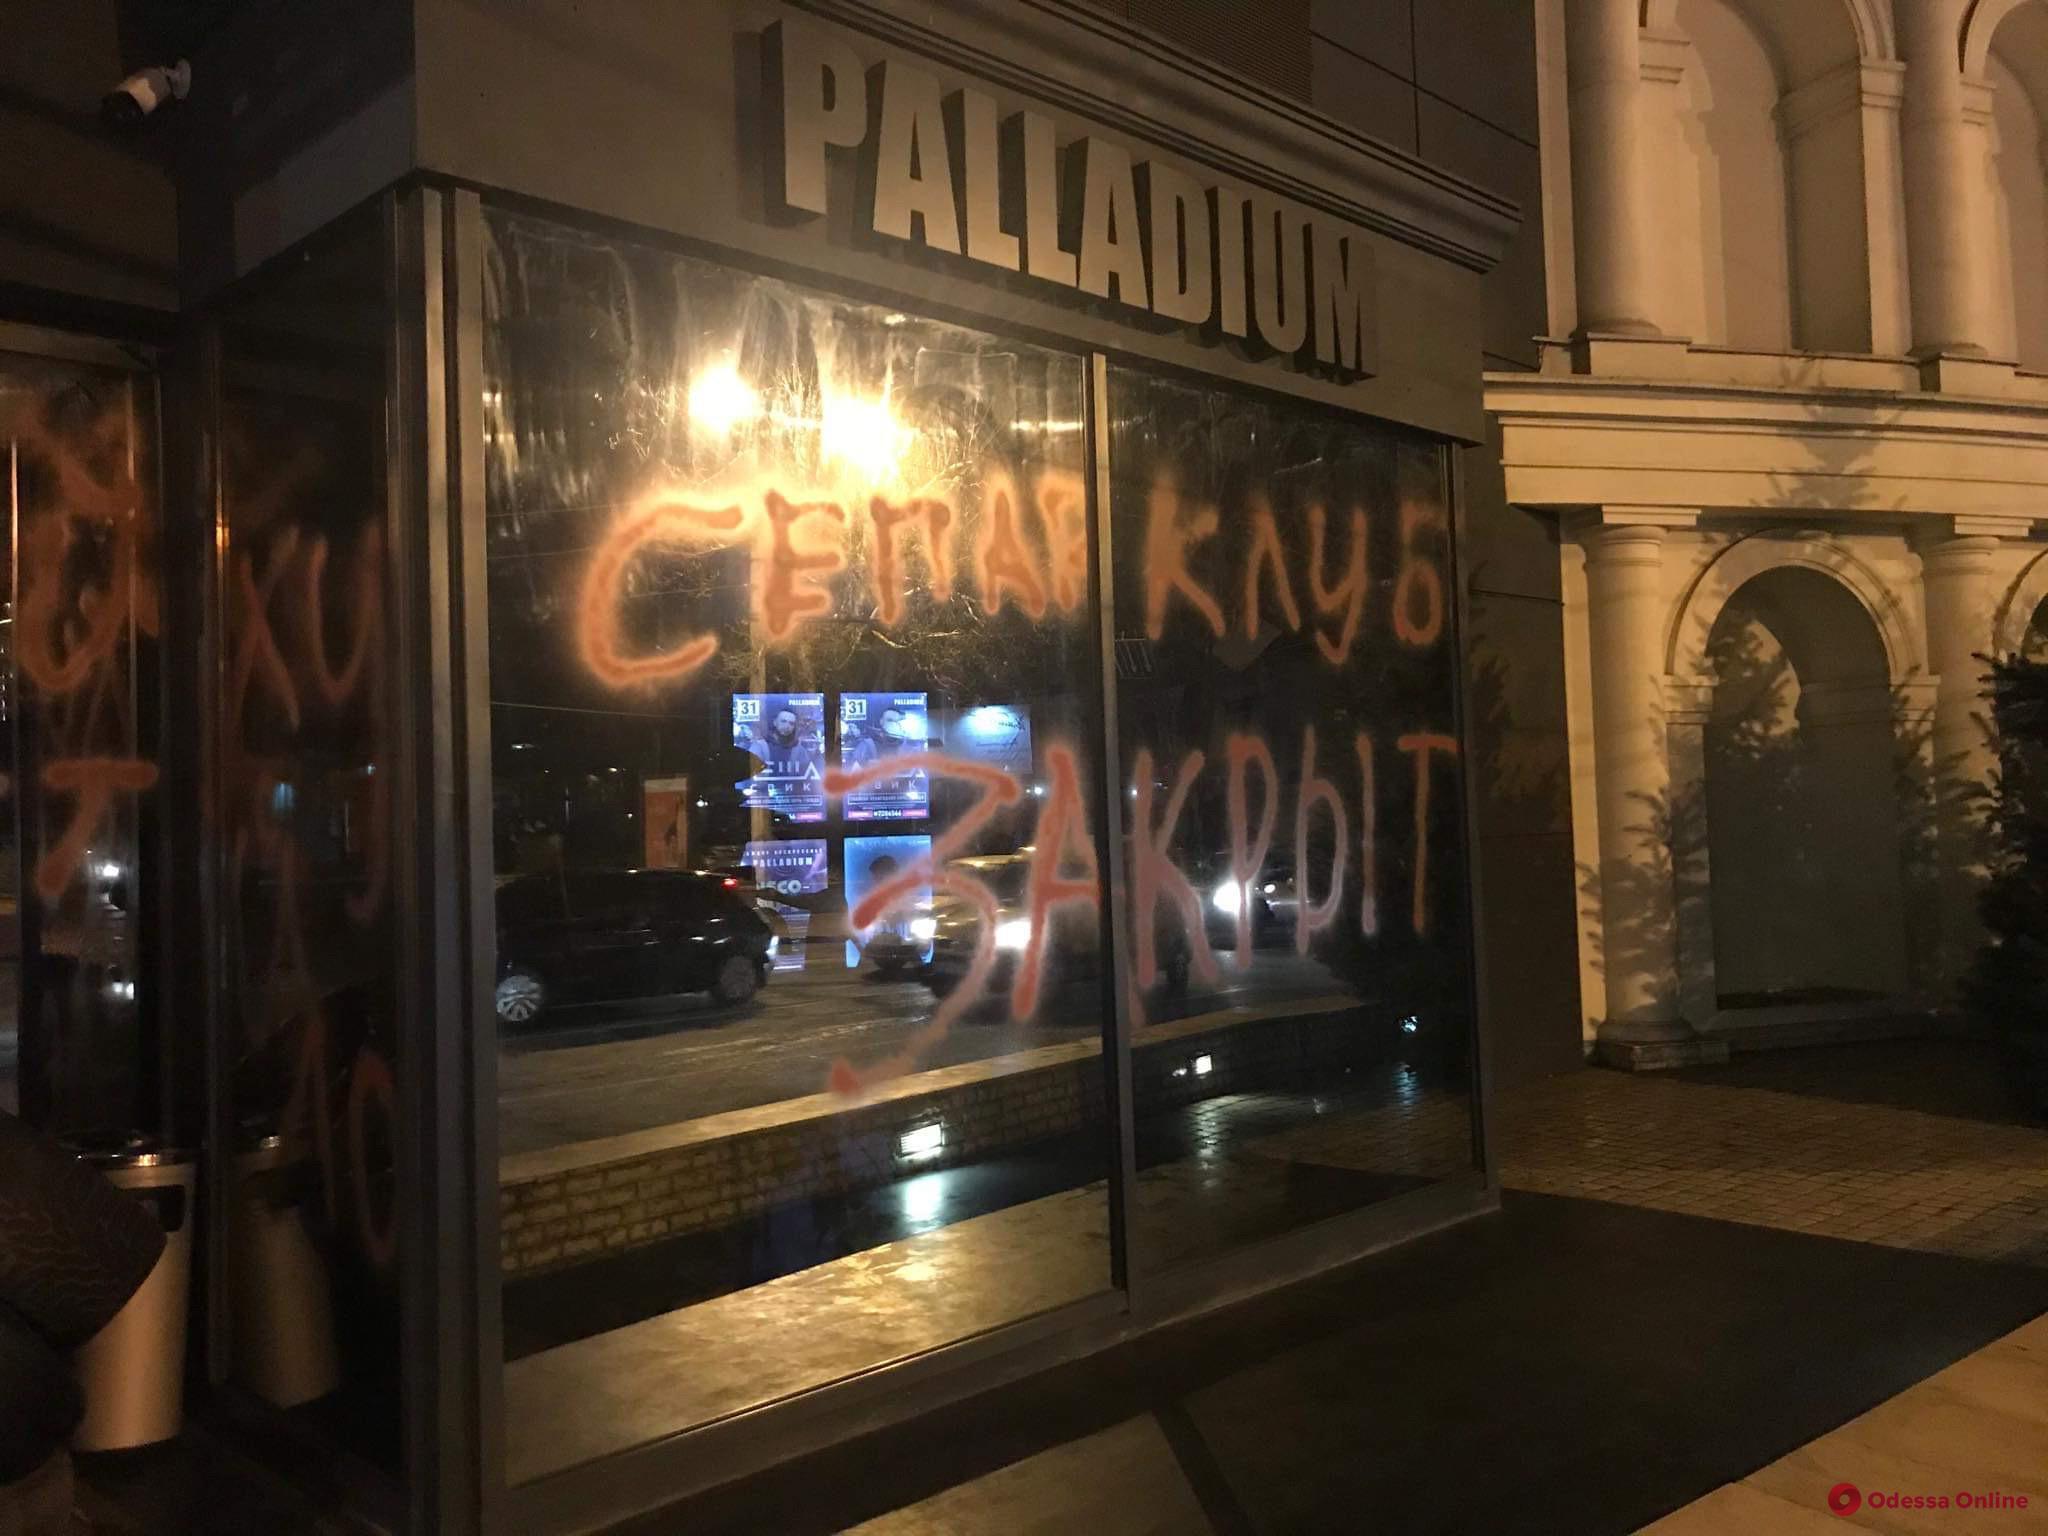 Активисты пришли в клуб, где выступал оскорбивший одесситов российский артист (фото, видео, обновляется)